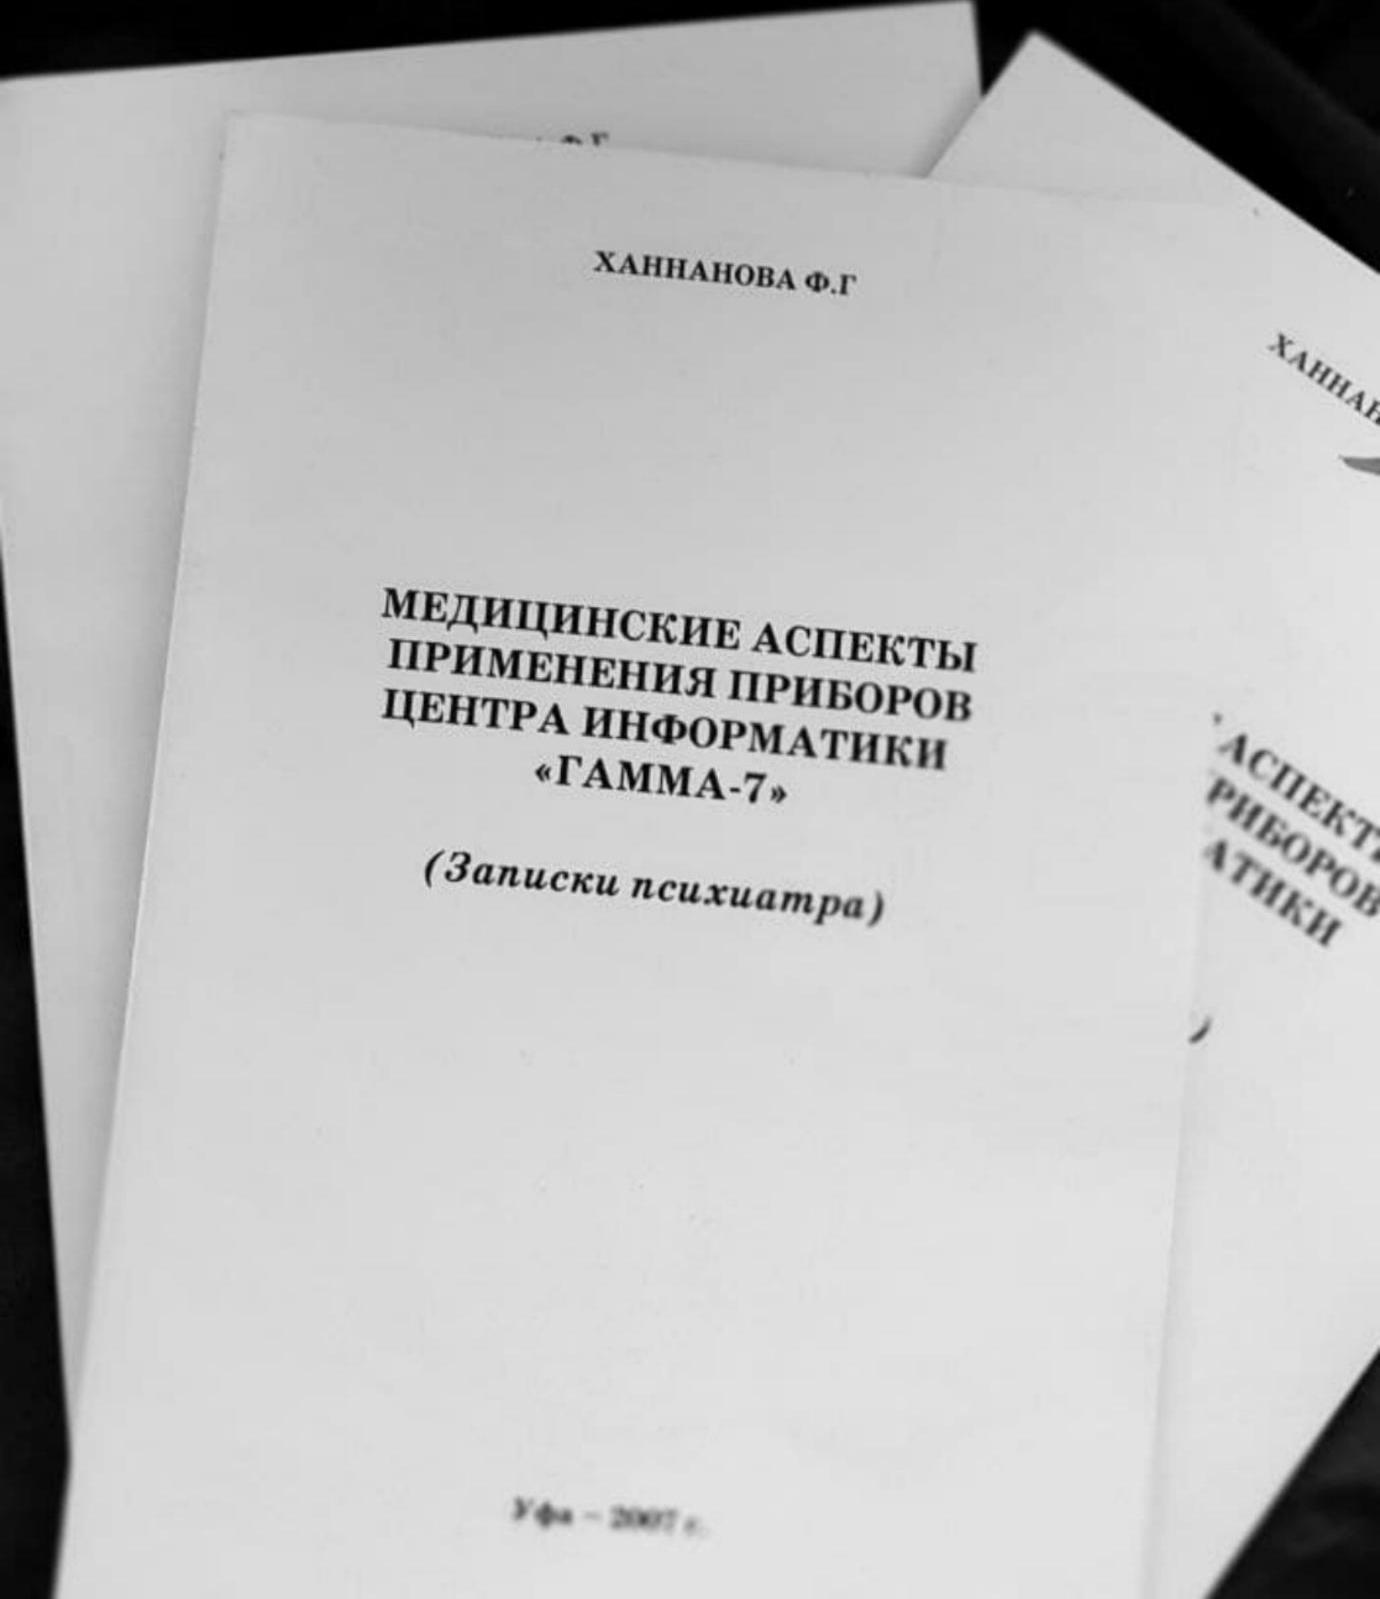 Медицинские аспекты применения приборов центра информатики Гамма-7